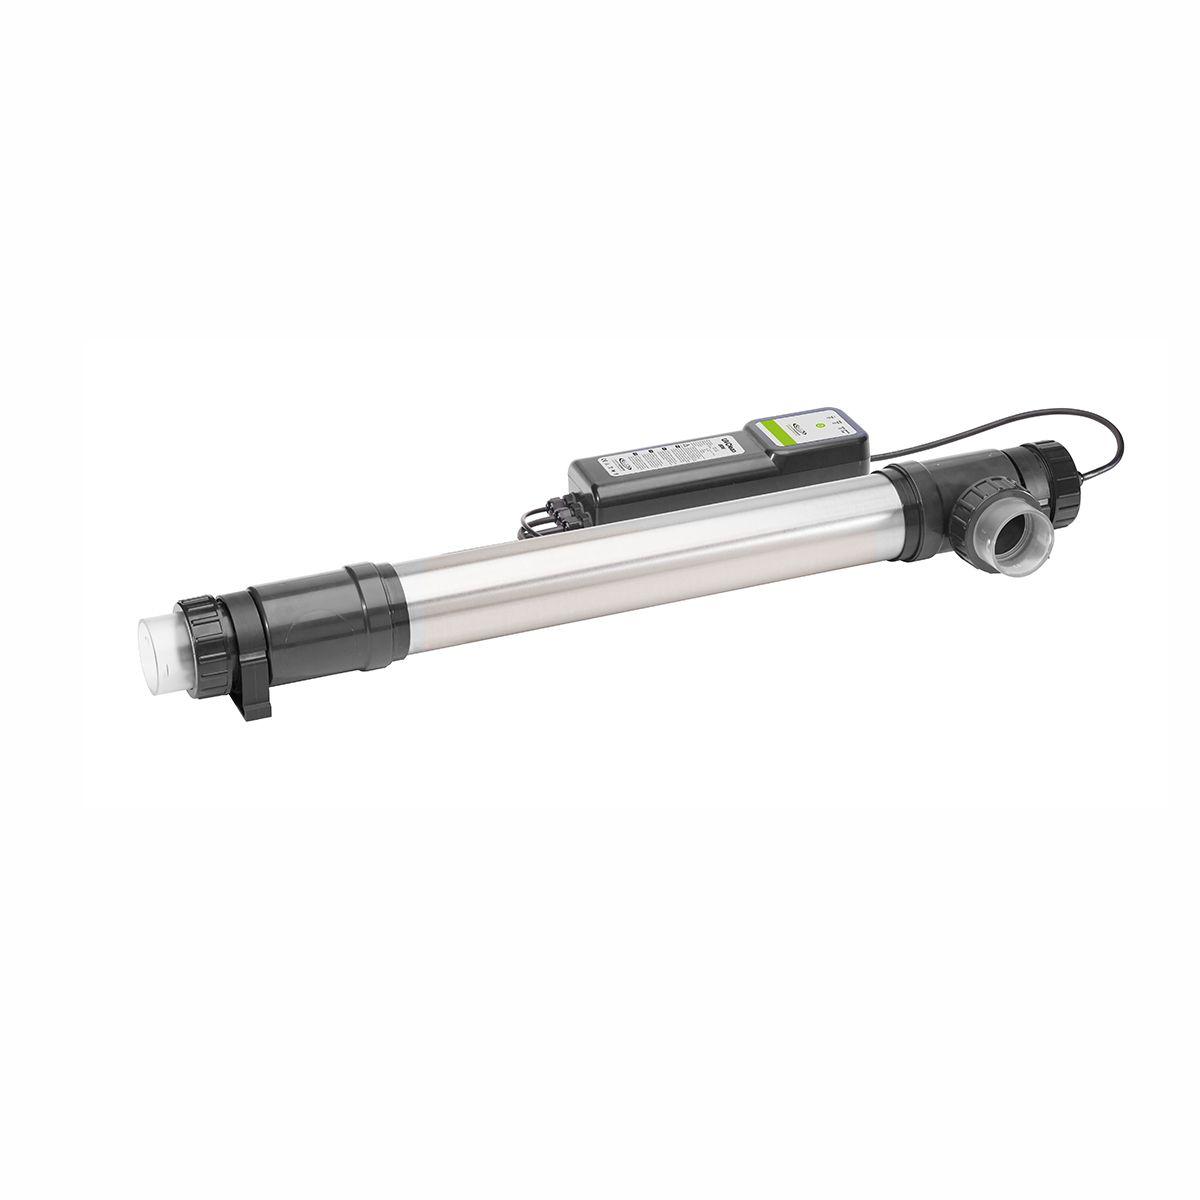 UVC-Strahler UV-Clean, schwarz, Chromstahl, 40 W, 230 V, L 102 cm, IP56